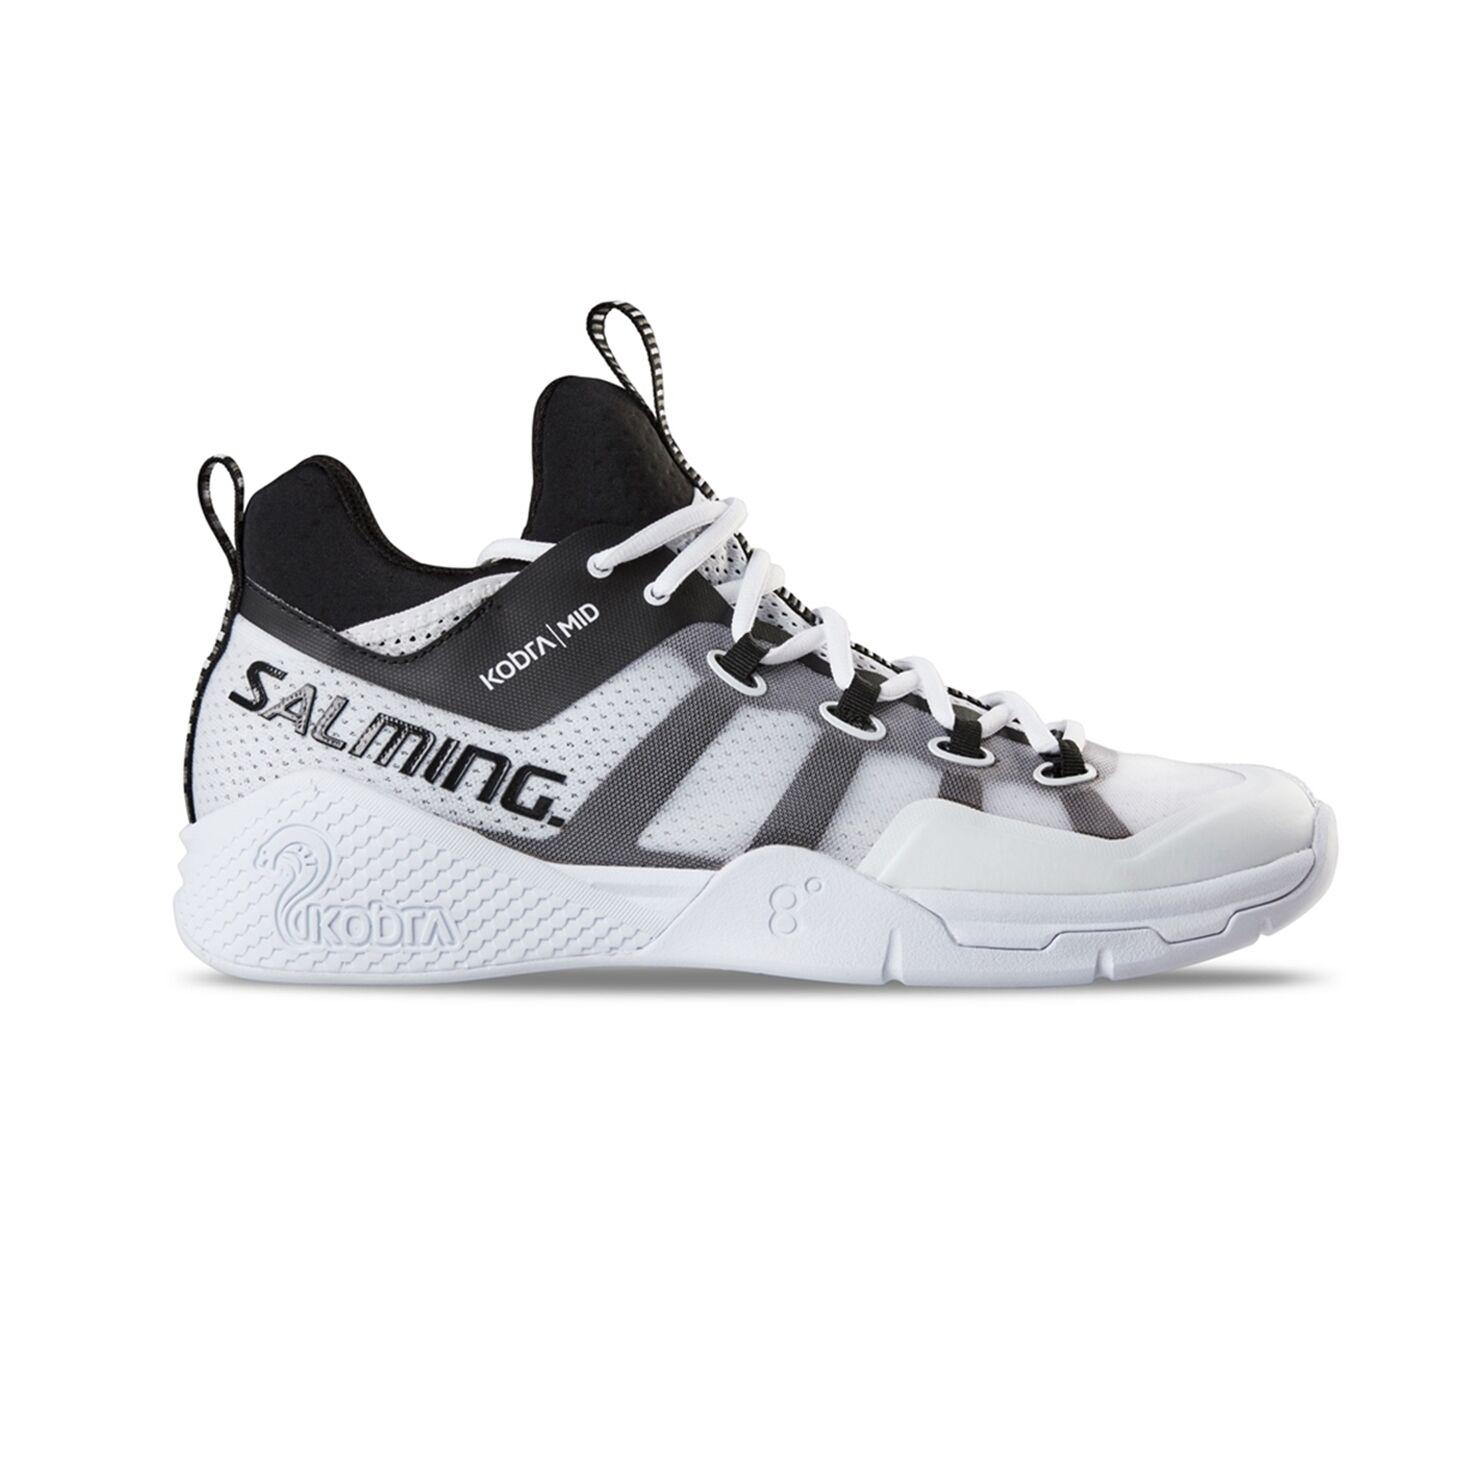 Salming Kobra Mid 2 Men White/Black 42 2/3